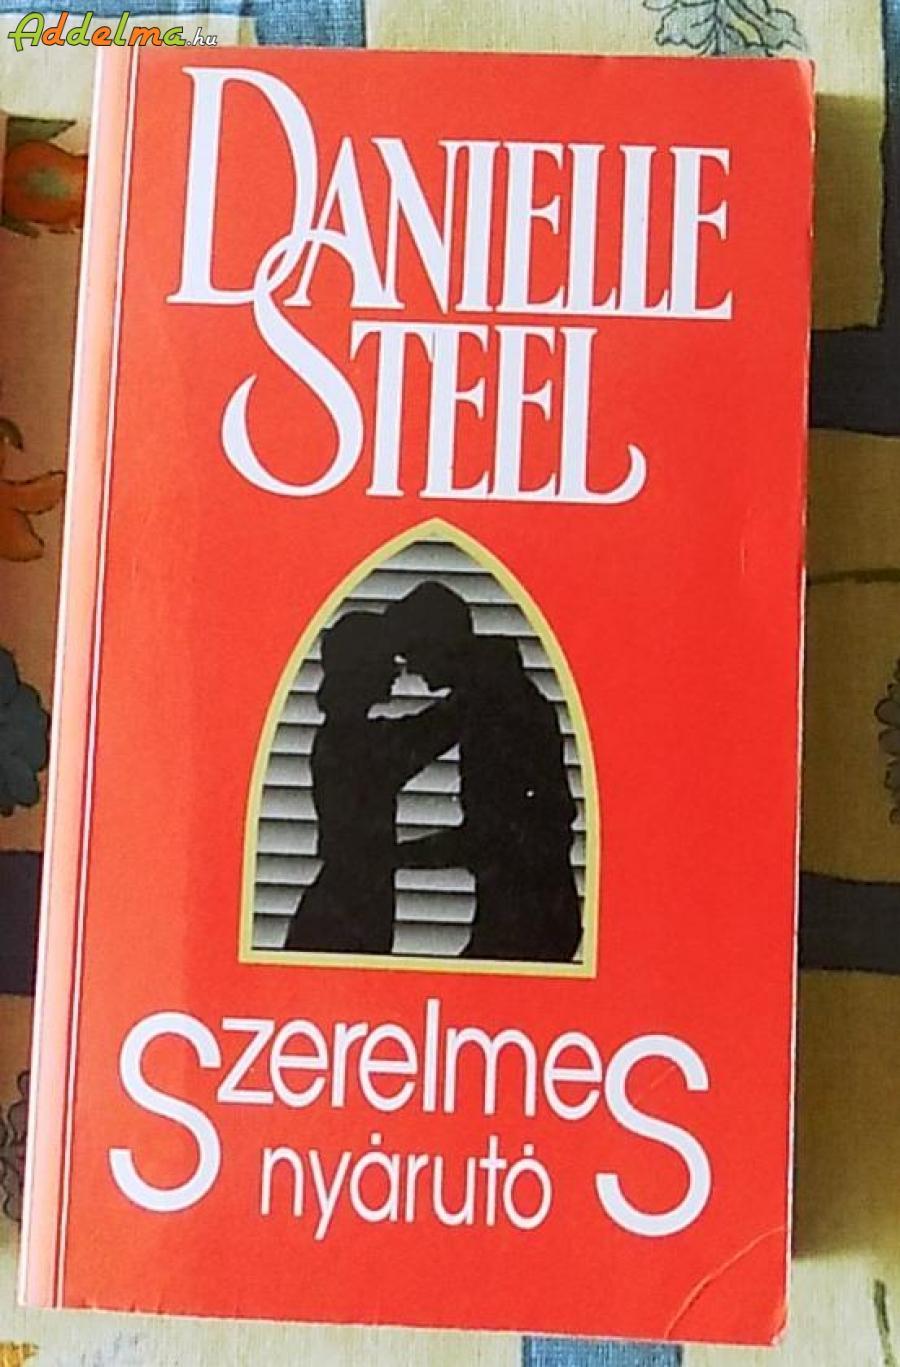 Danielle Steel: Szerelmes nyárutó